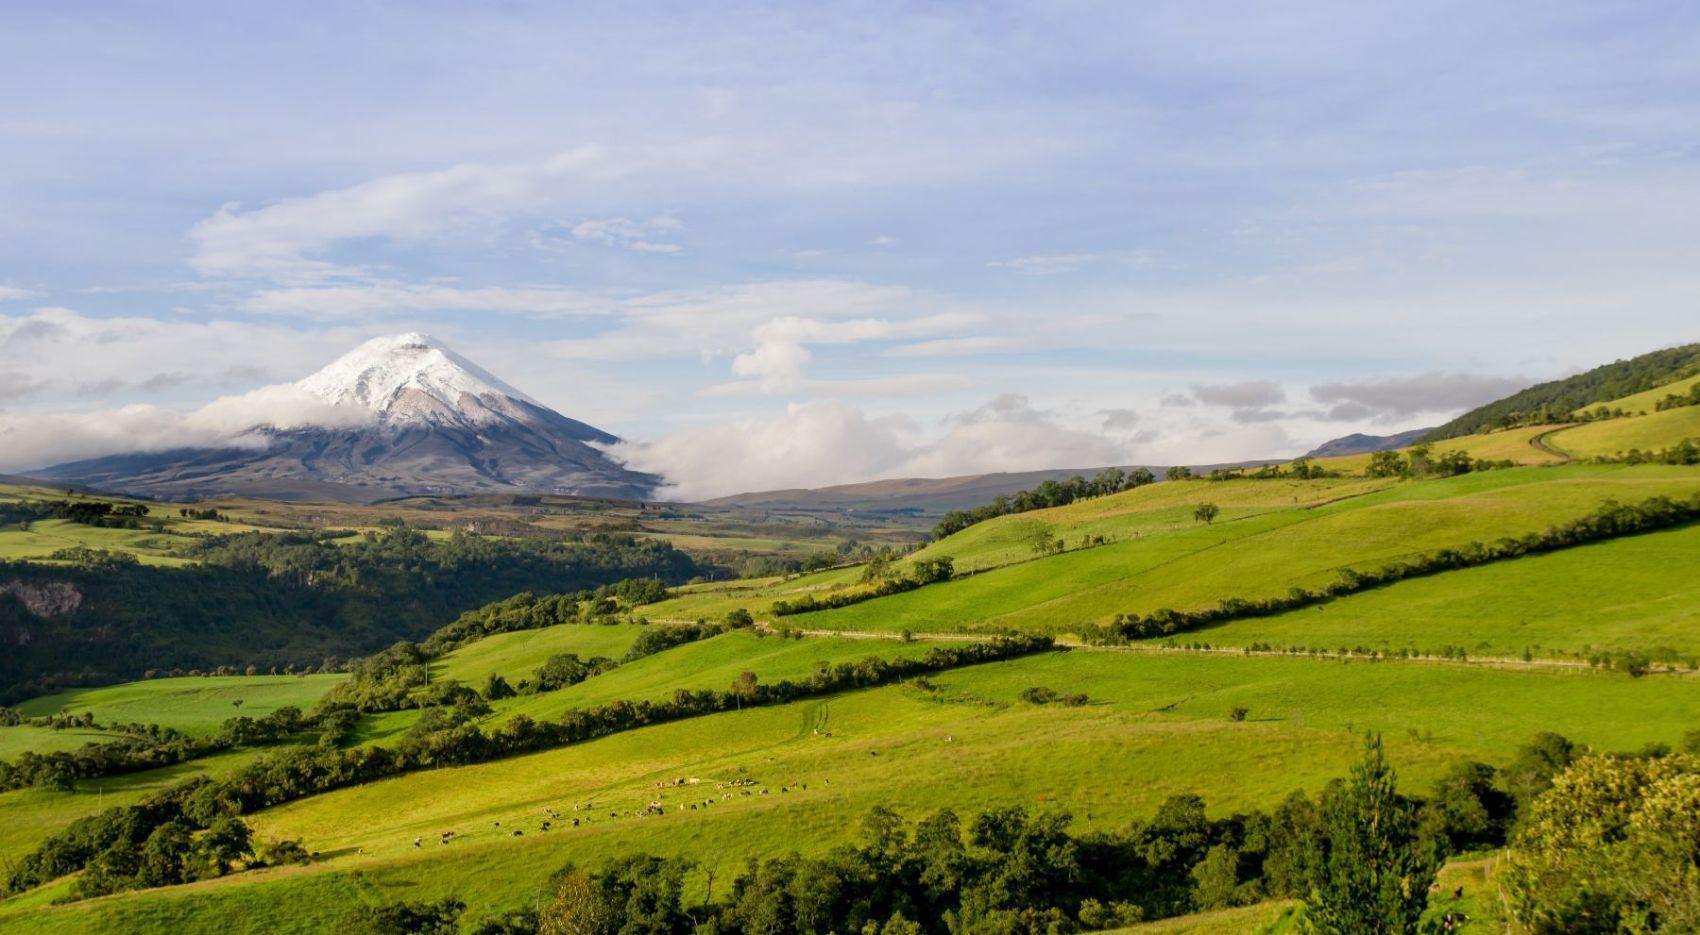 Vue sur le Cotopaxi, un des incontournables de l'Equateur.